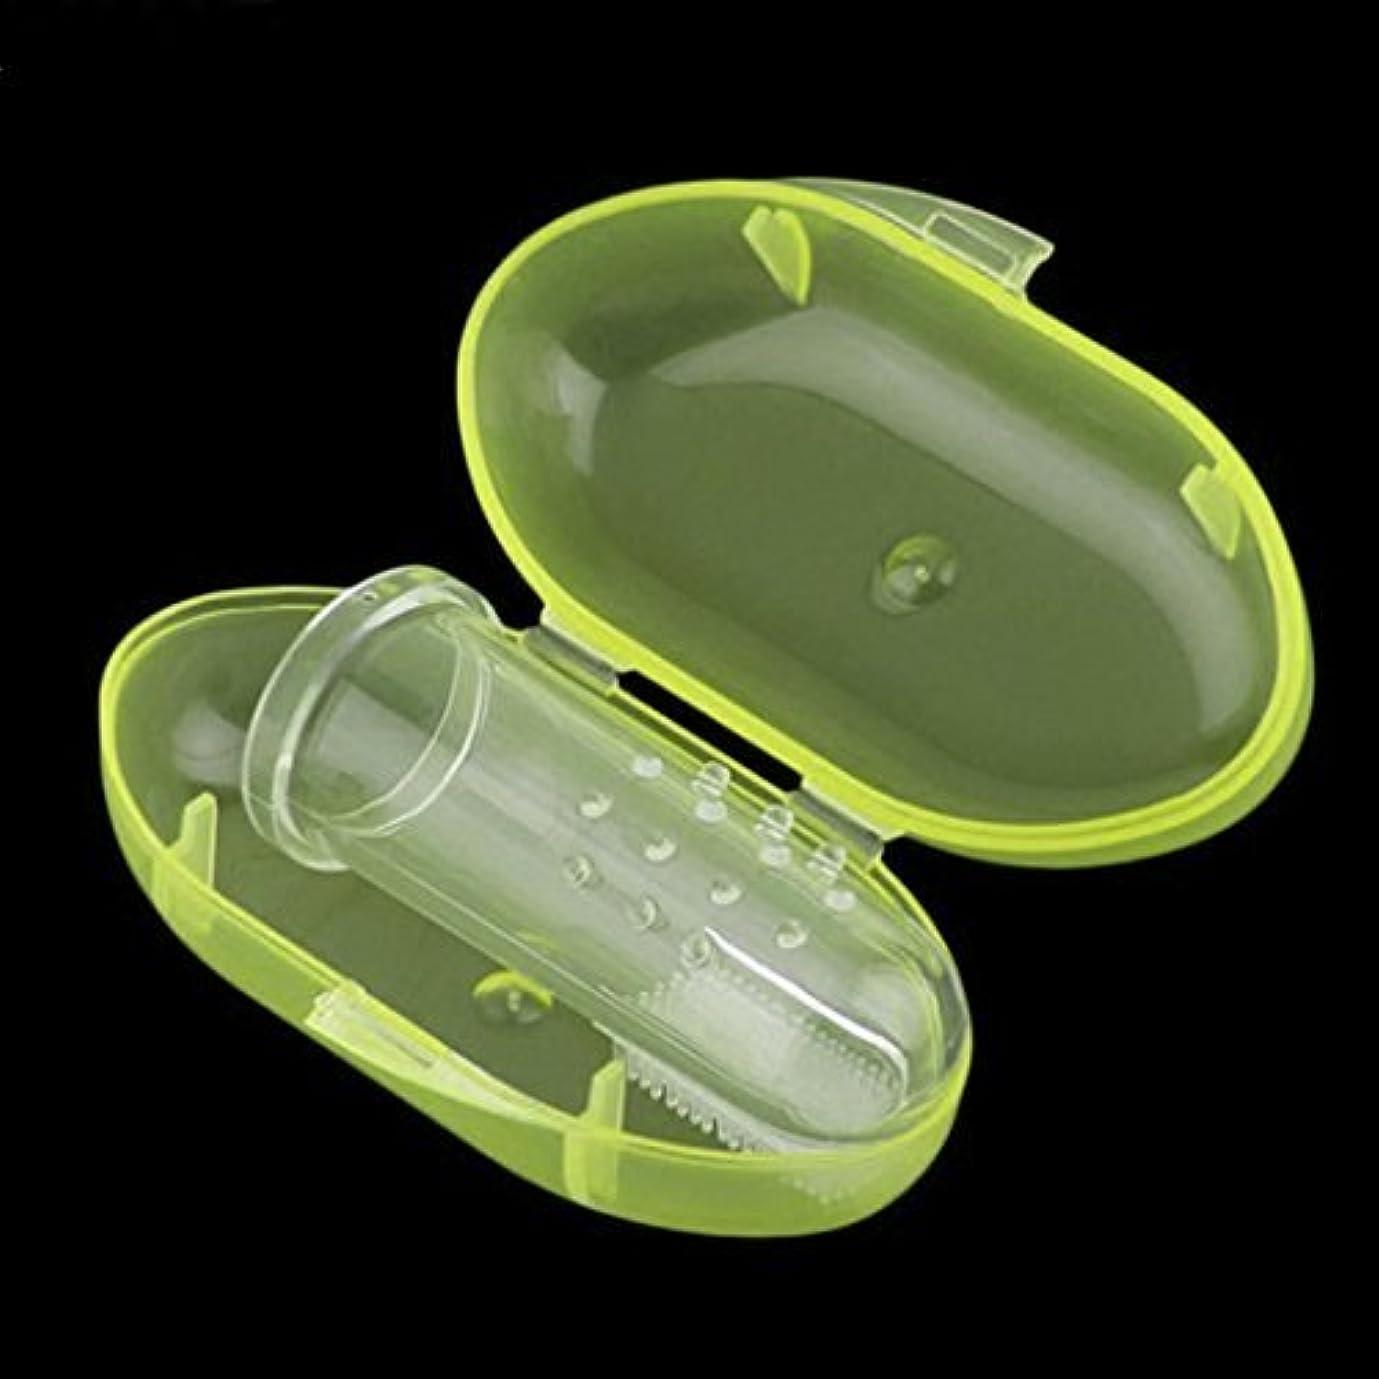 歯を磨いて指ゴム歯ブラシマッサージボックス子供赤ちゃん幼児todderと柔らかいシリコーン